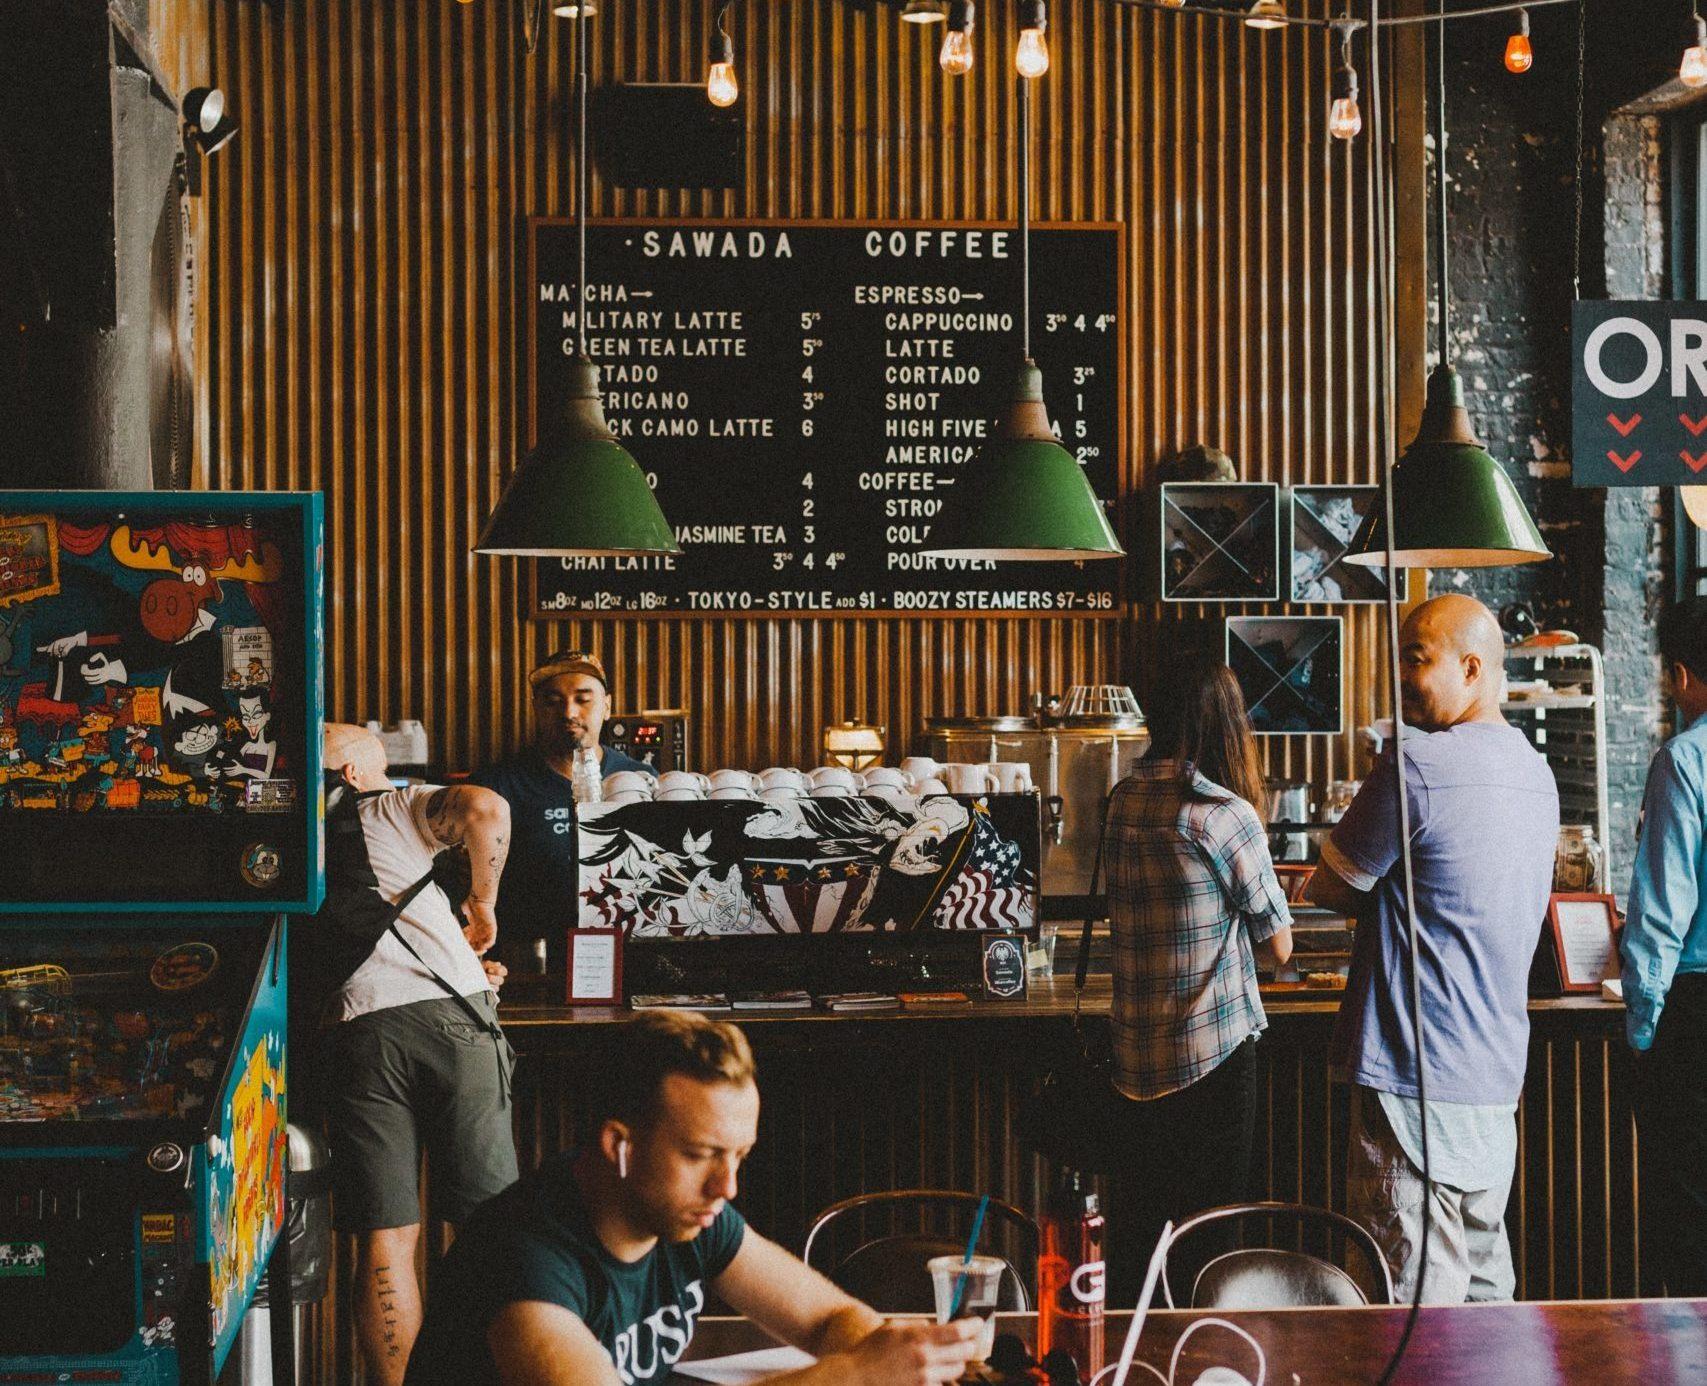 Cafe Gastronomie mit Kunden